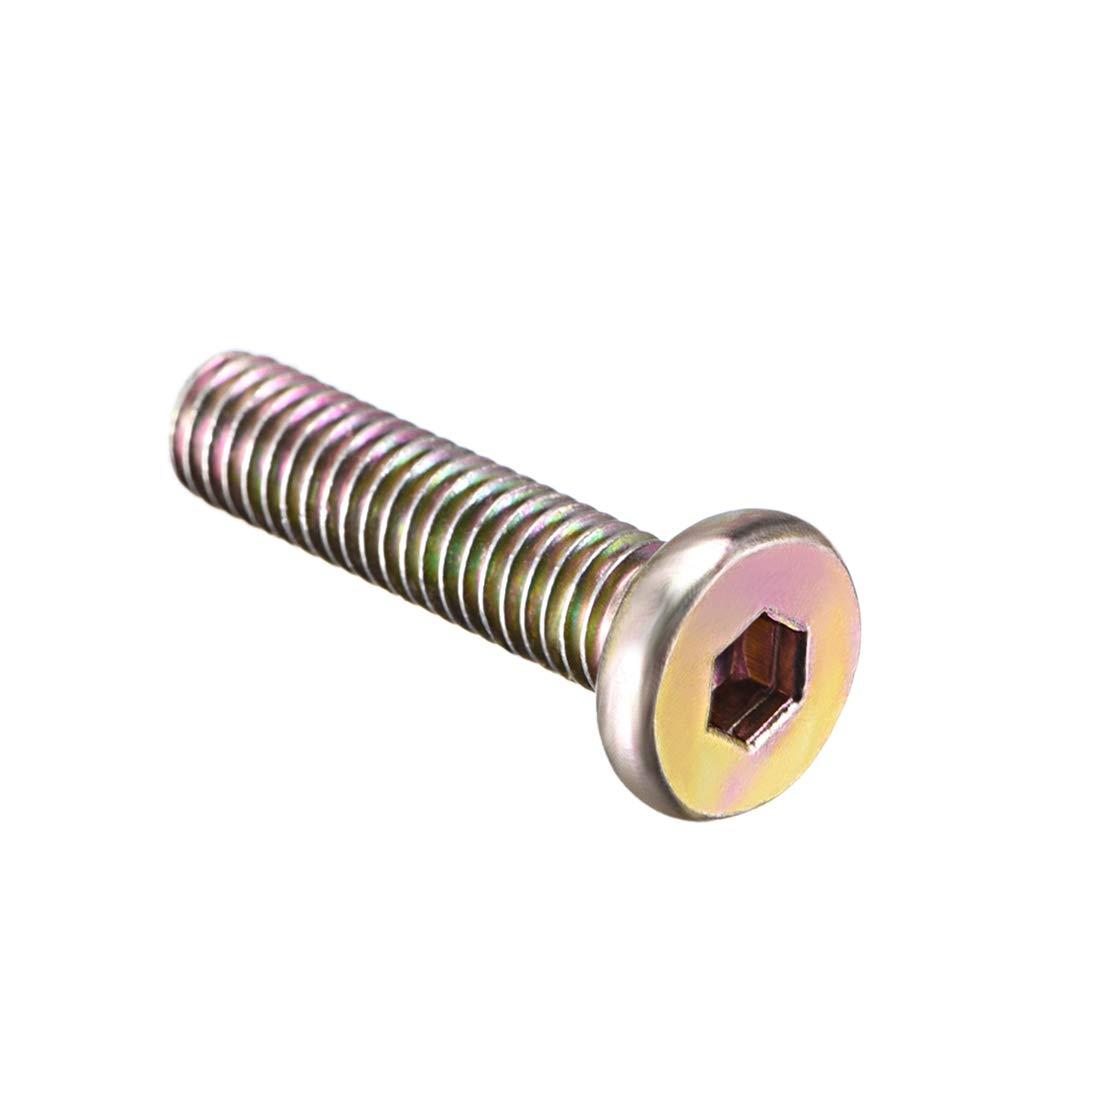 uxcell M6x20mm Male Thread Cabinet Hex Socket Head Screw Post Silver Tone 5pcs